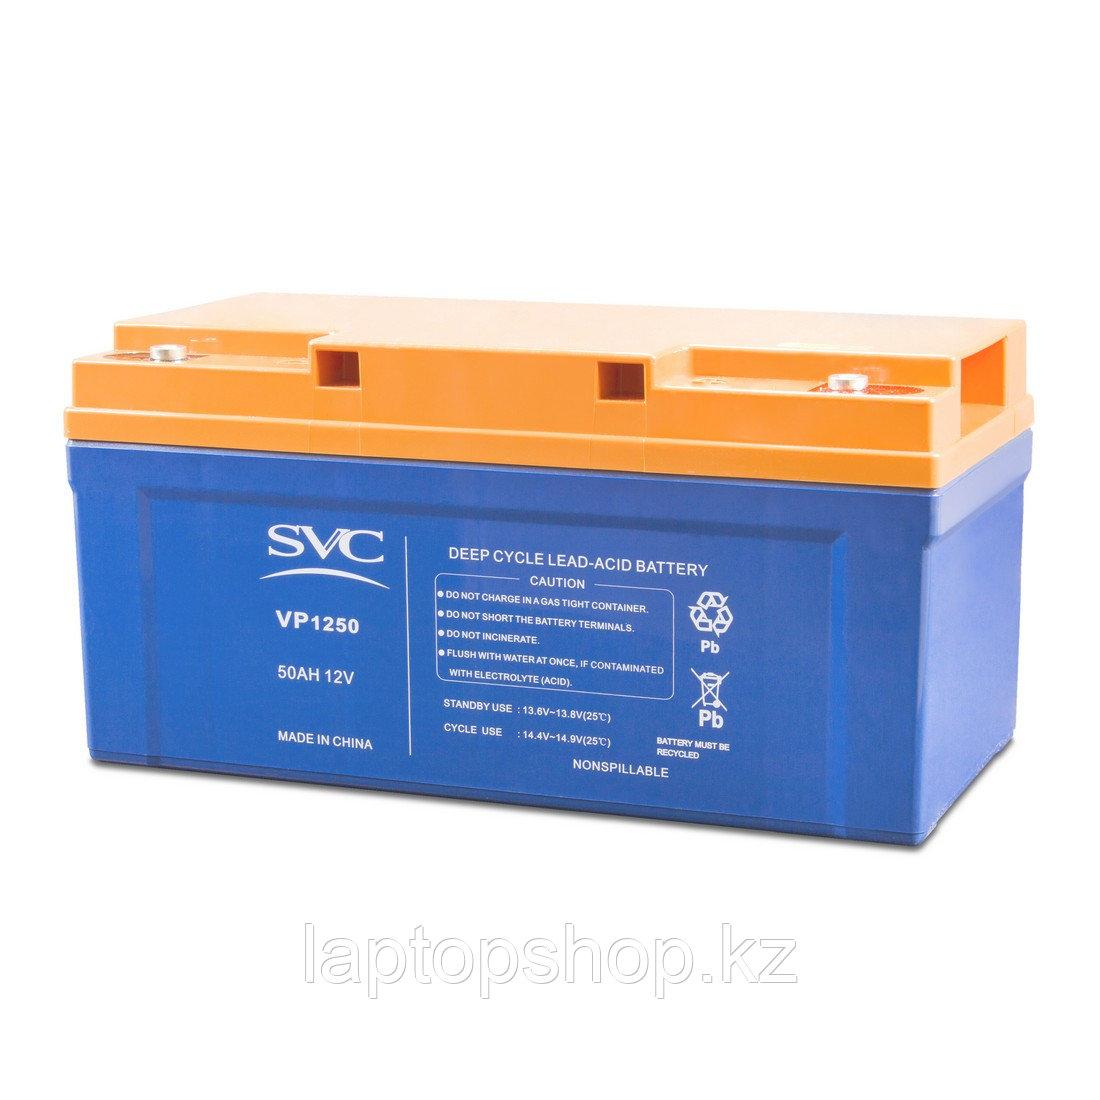 Аккумуляторная батарея SVC VP1250, 12В 50 Ач